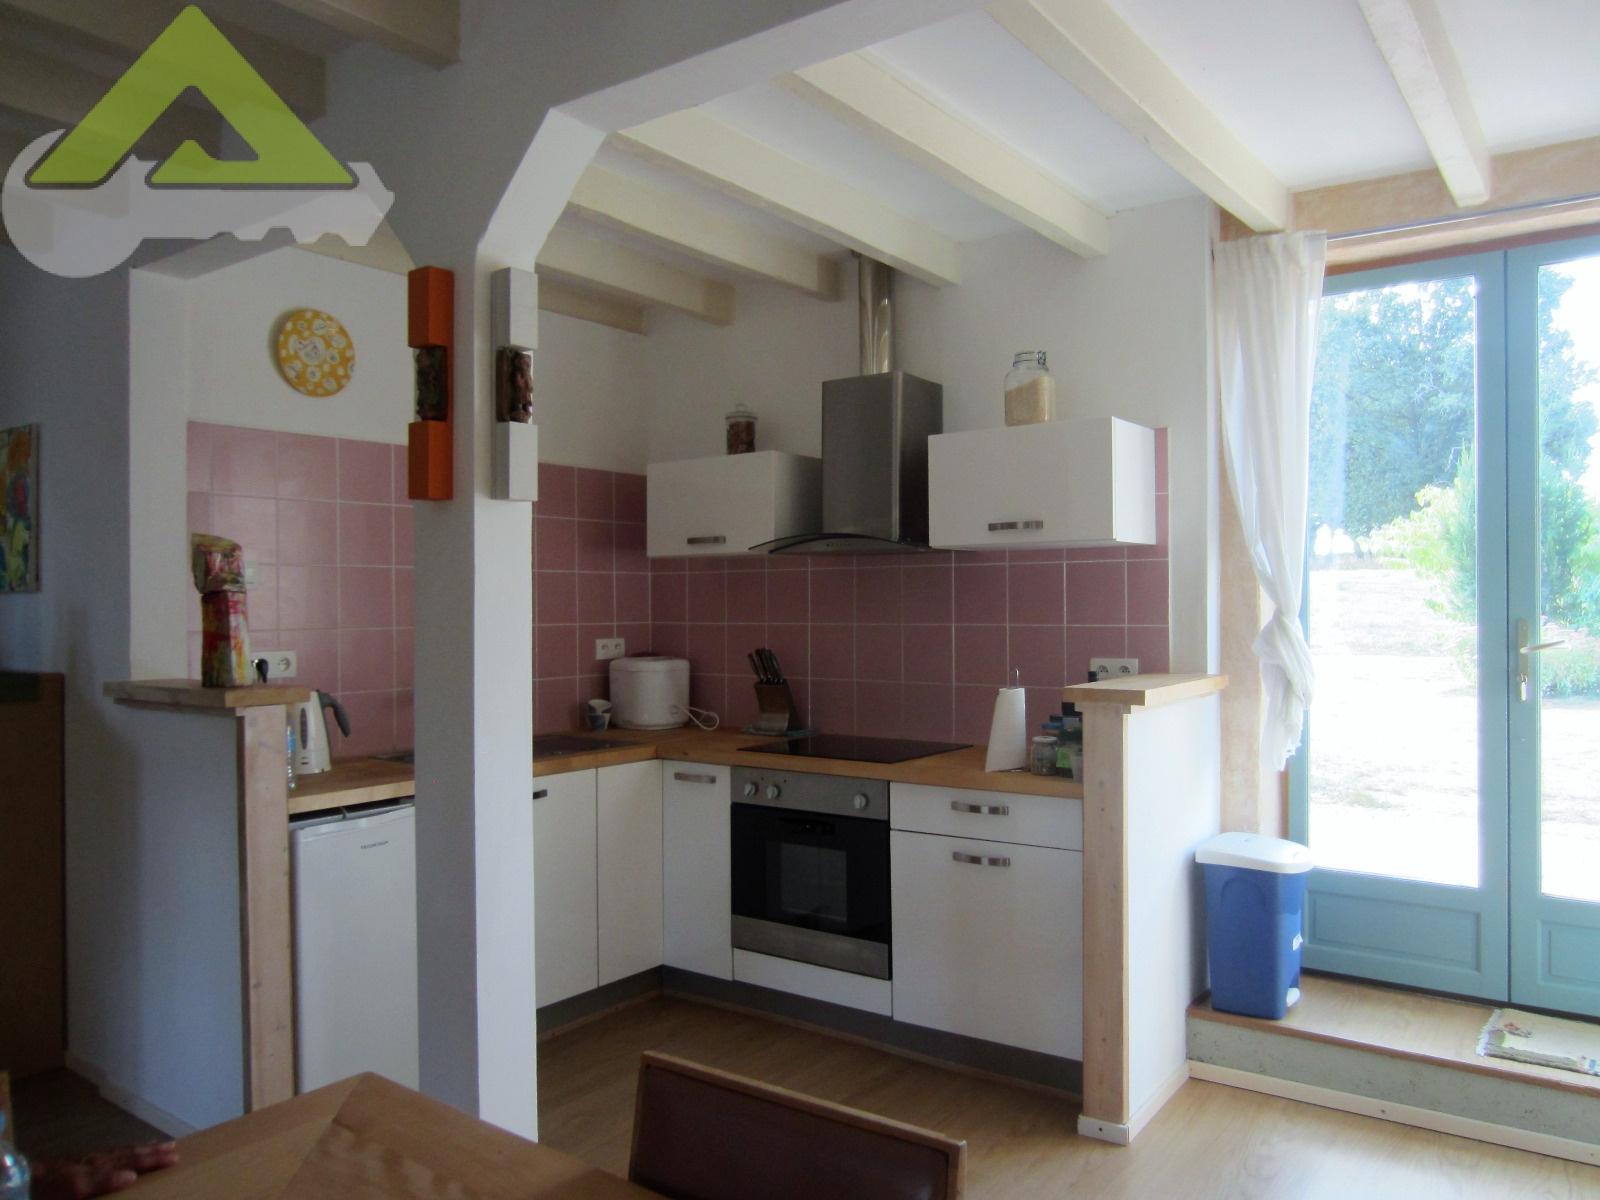 vente Maison 7 pièces (250 m²) 262 500 € Maisonnais (18) 1493175a0a72